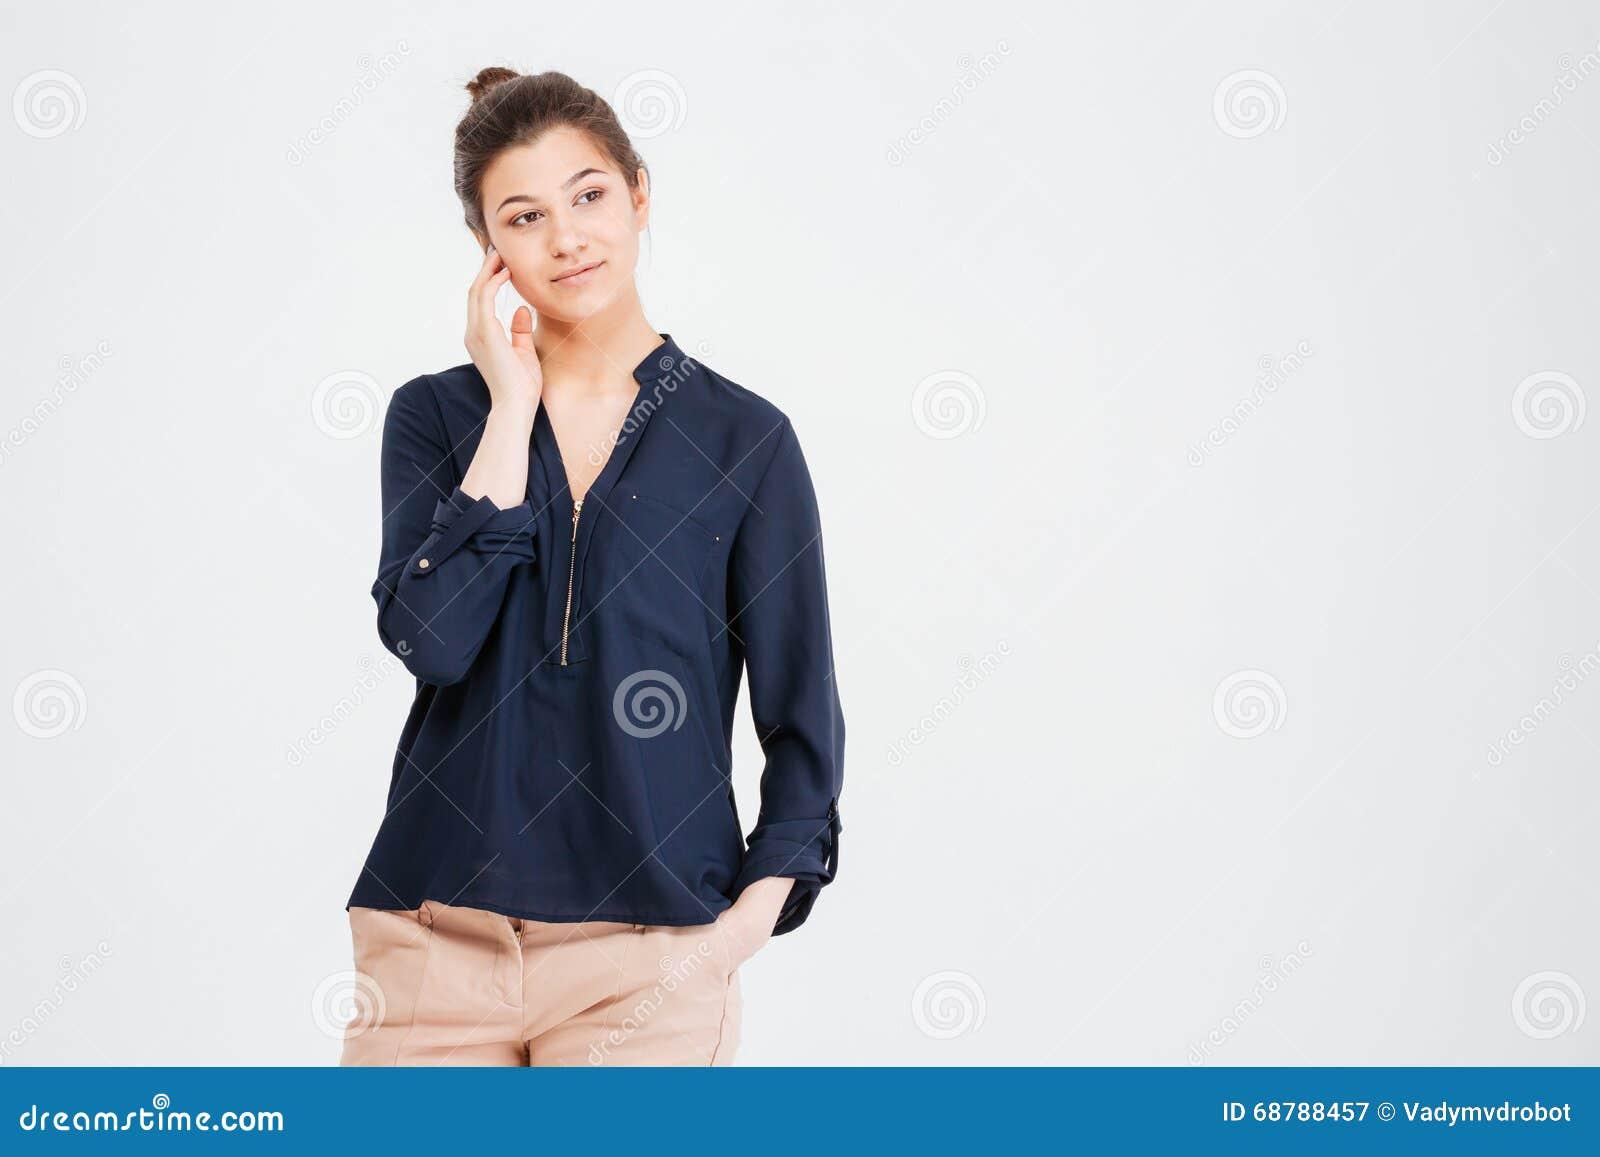 Στοχαστική αρκετά νέα γυναίκα που στέκεται και που σκέφτεται